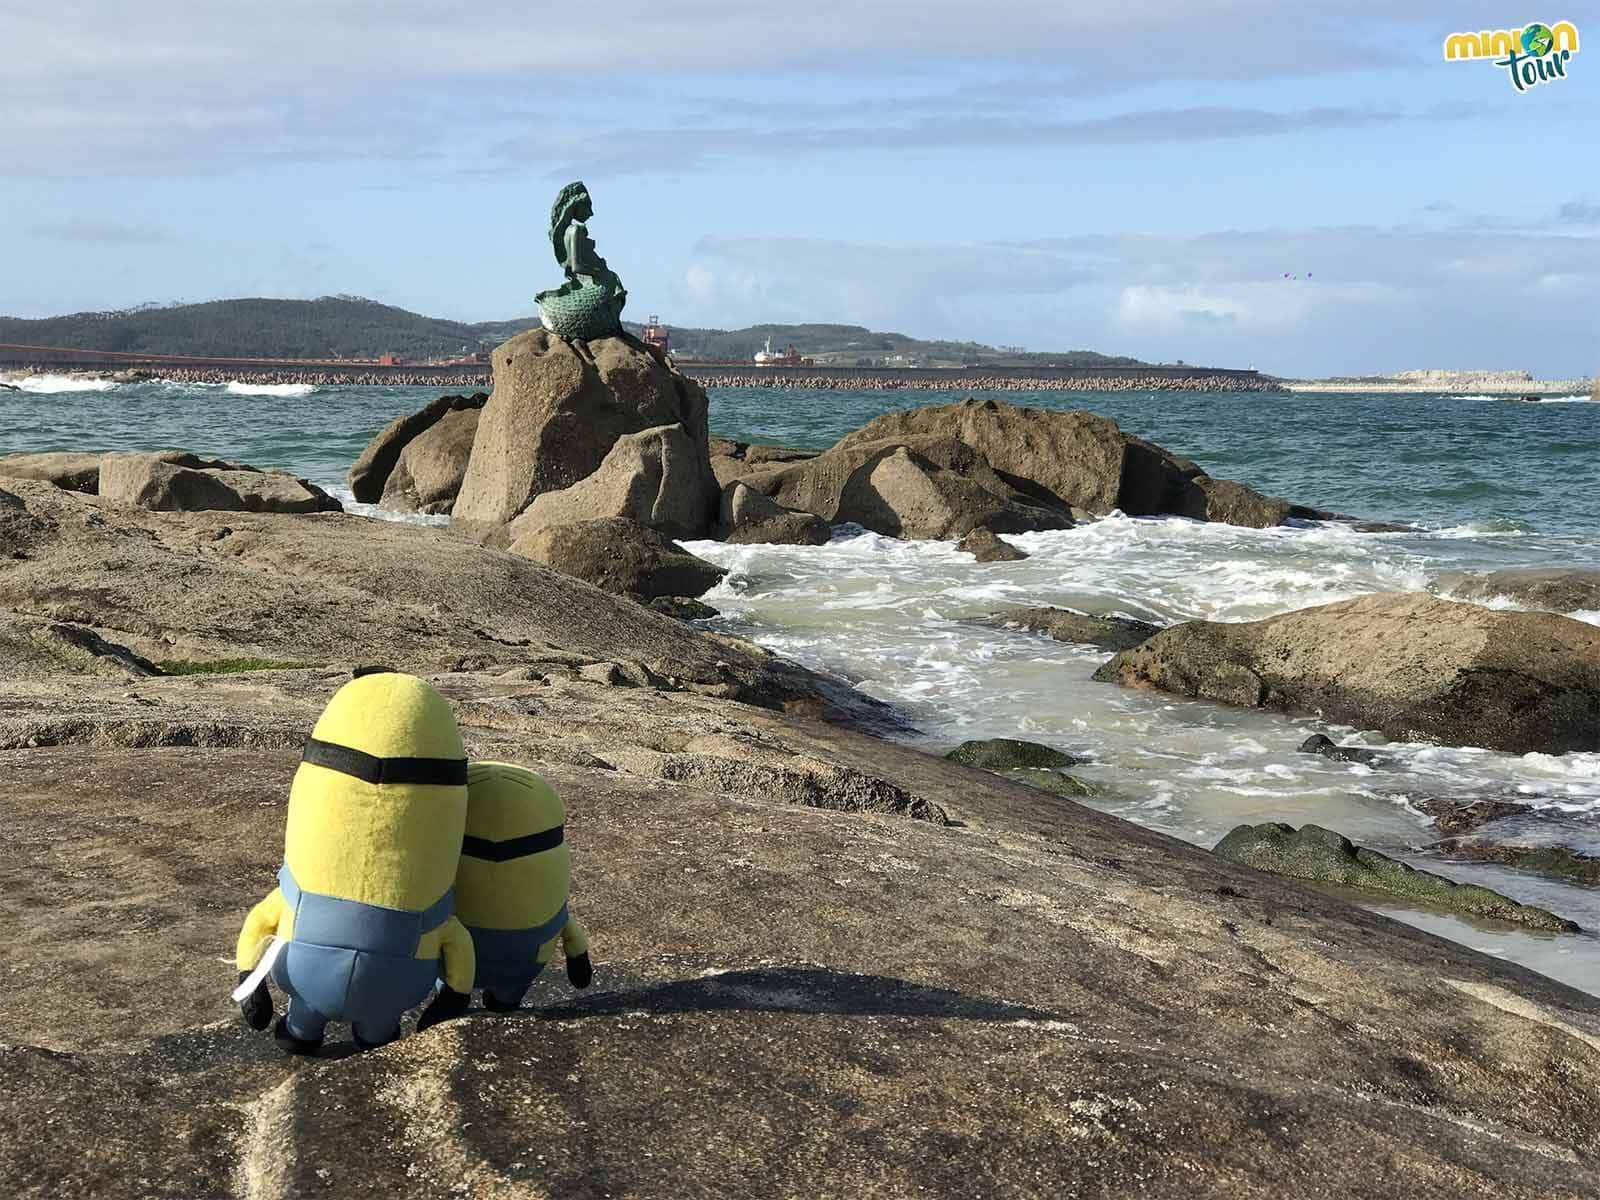 Saludando a la Maruxaina en la Playa del Torno en San Cibrao